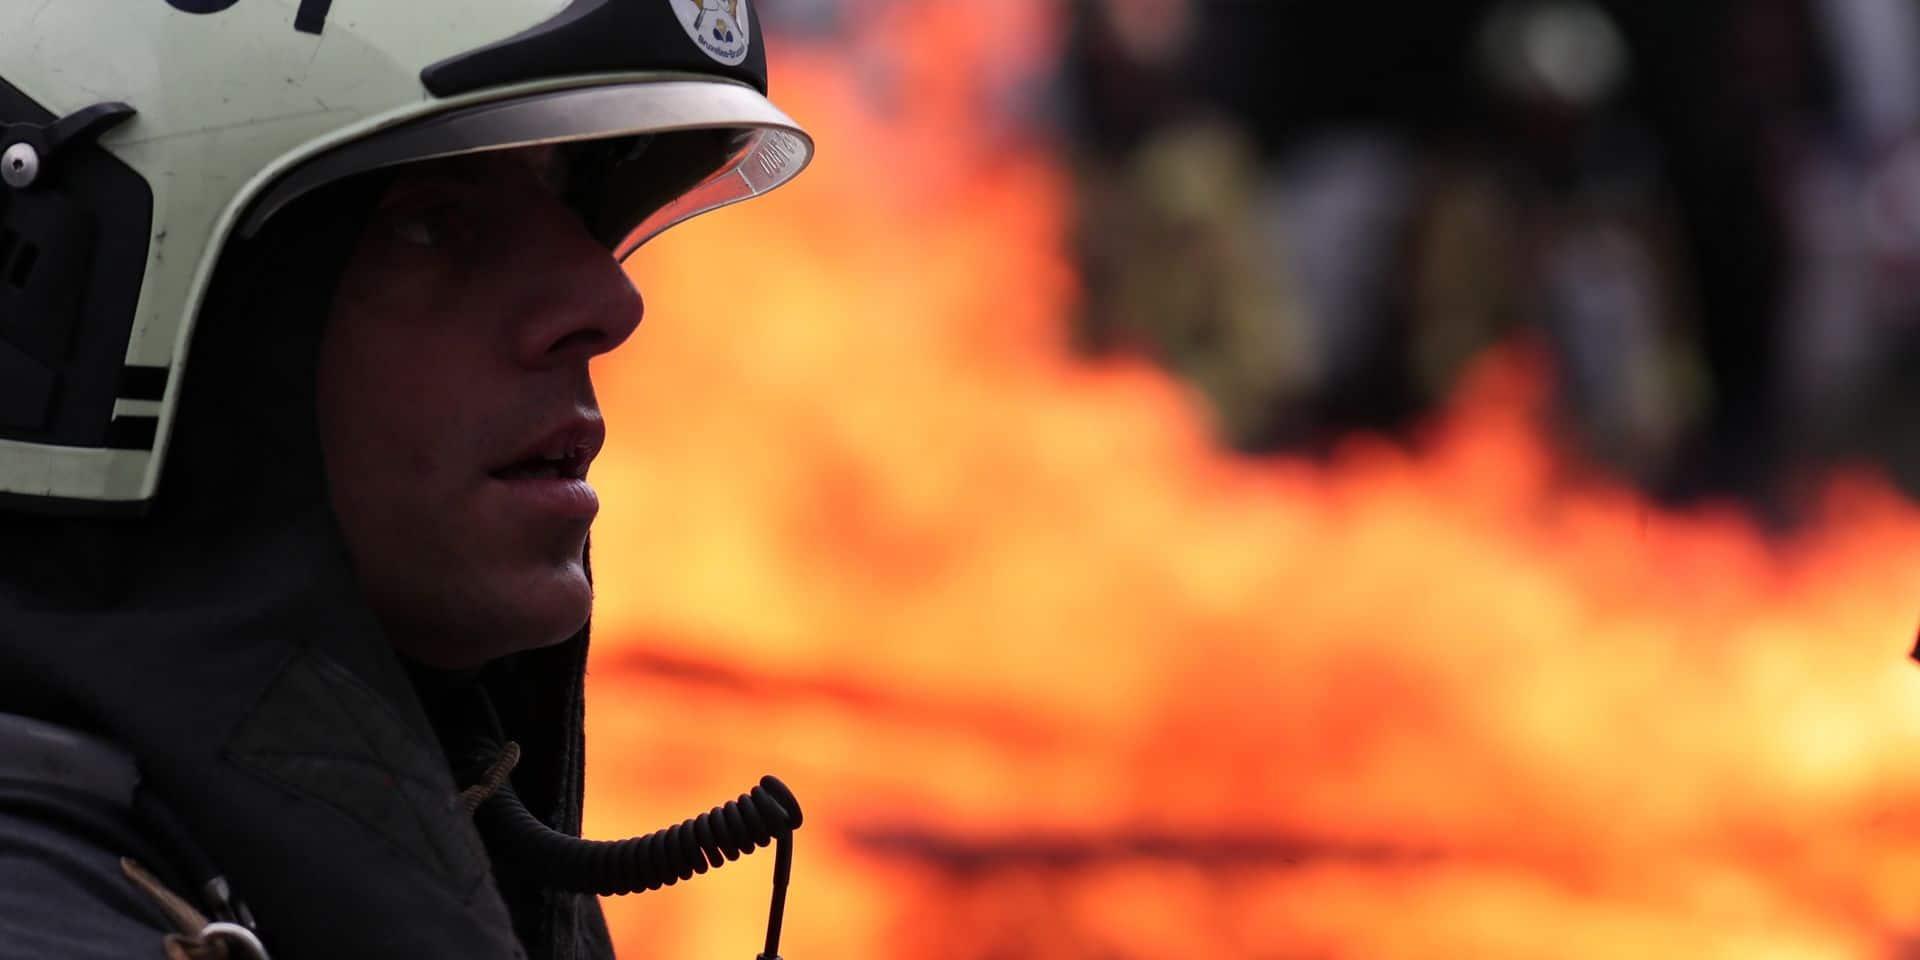 Incendie dans une maison à quatre étages à Bruxelles : Une personne fortement intoxiquée